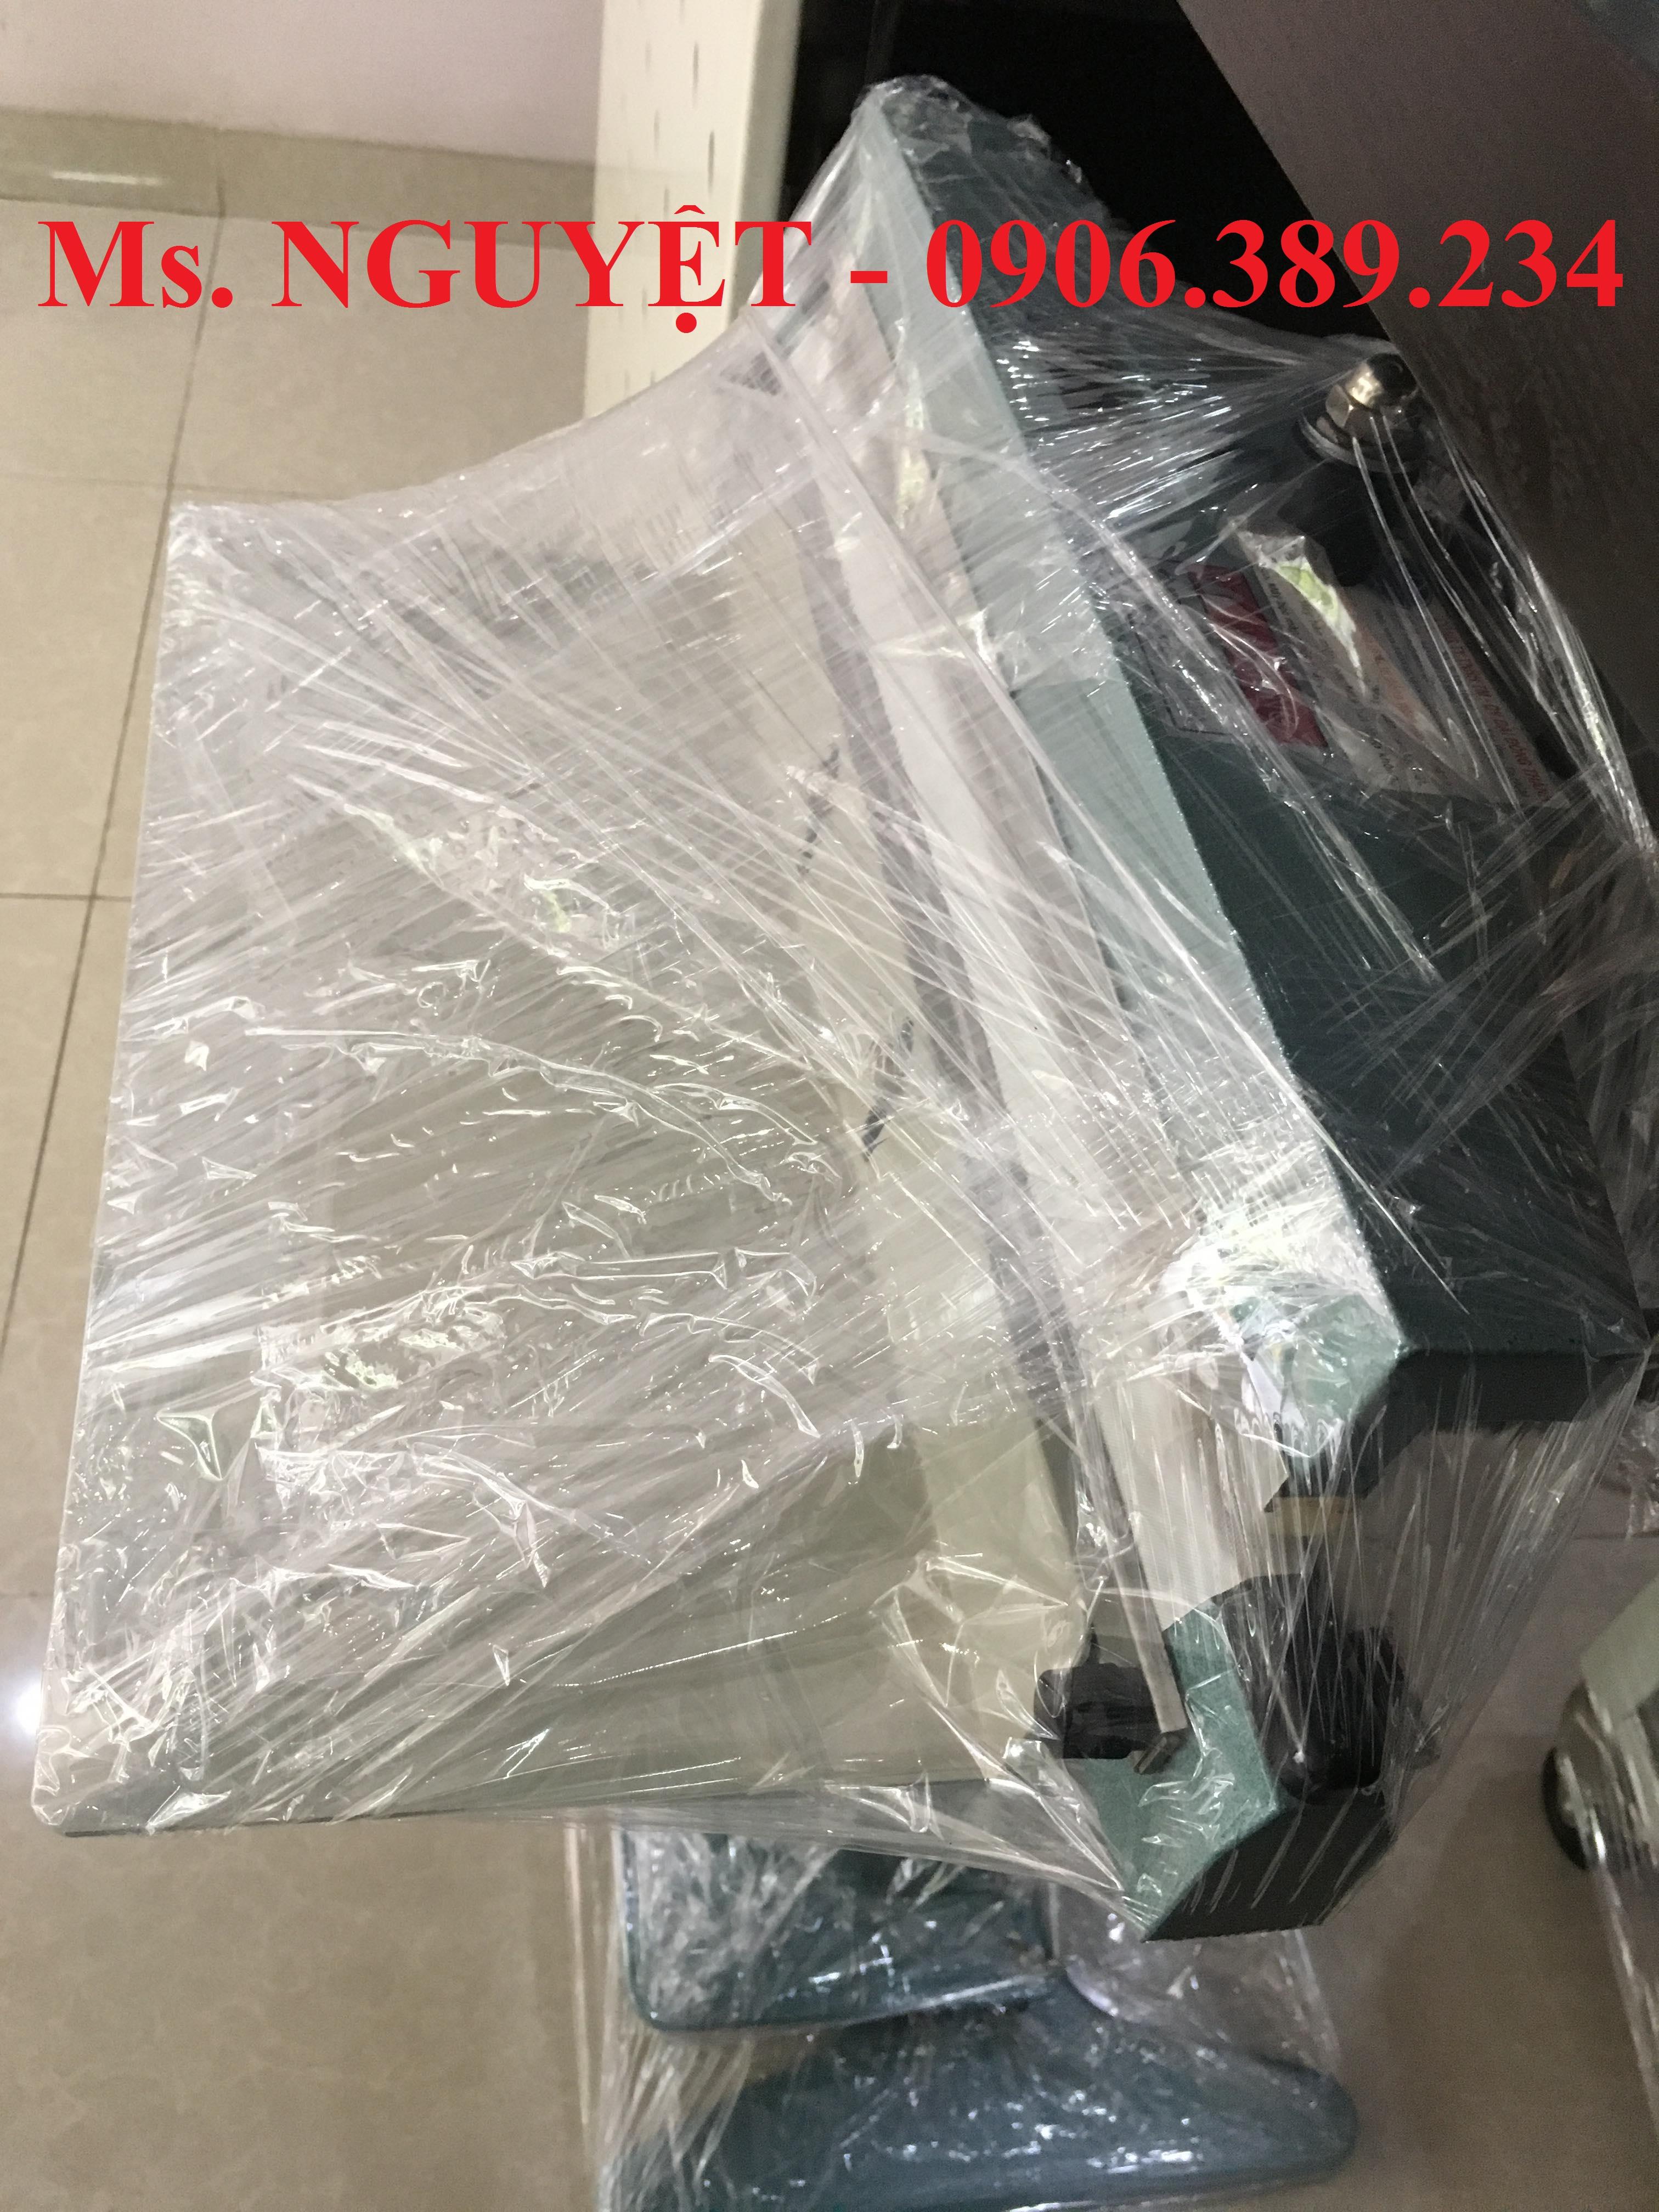 Máy hàn miệng bao đạp chân, máy dập miệng túi đạp chân tại Đồng Nai, Cần Thơ, Bình Định